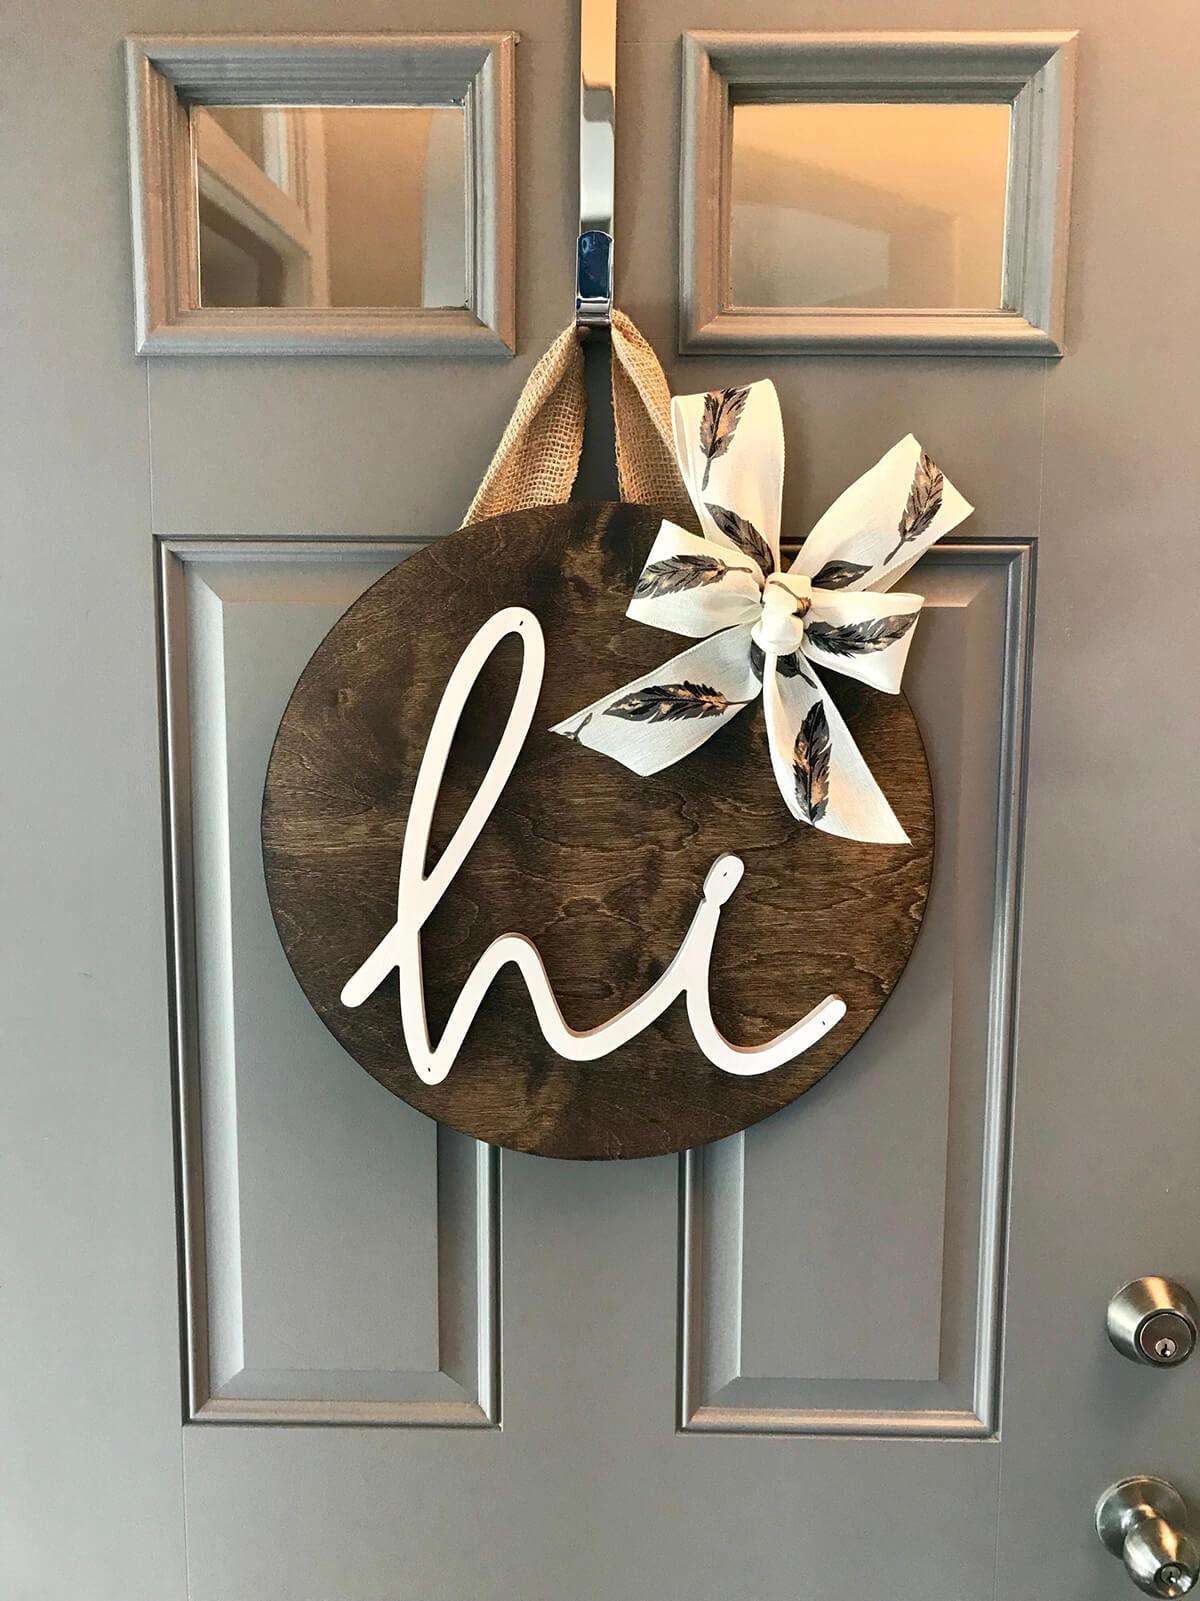 A Simple Wooden Decorative Door Front